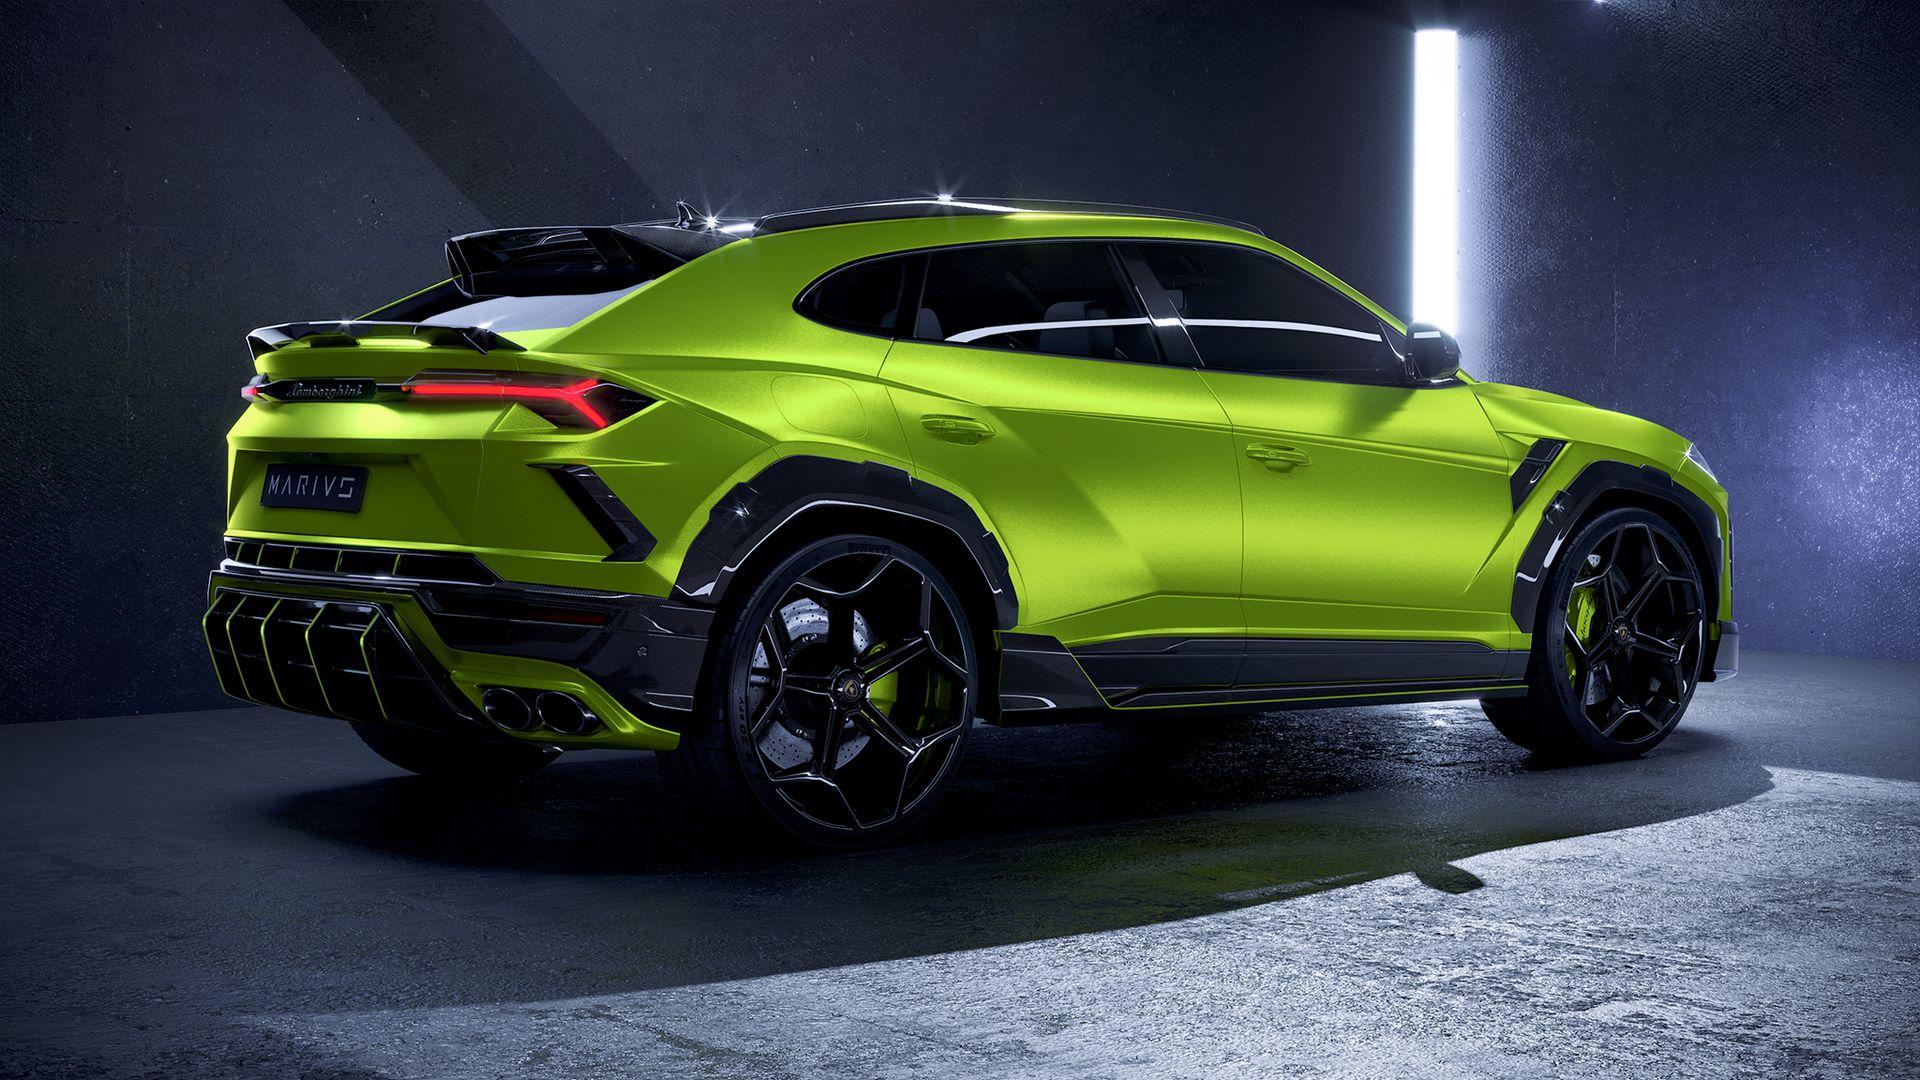 Lamborghini-Urus-by-Marius-Designhaus-2